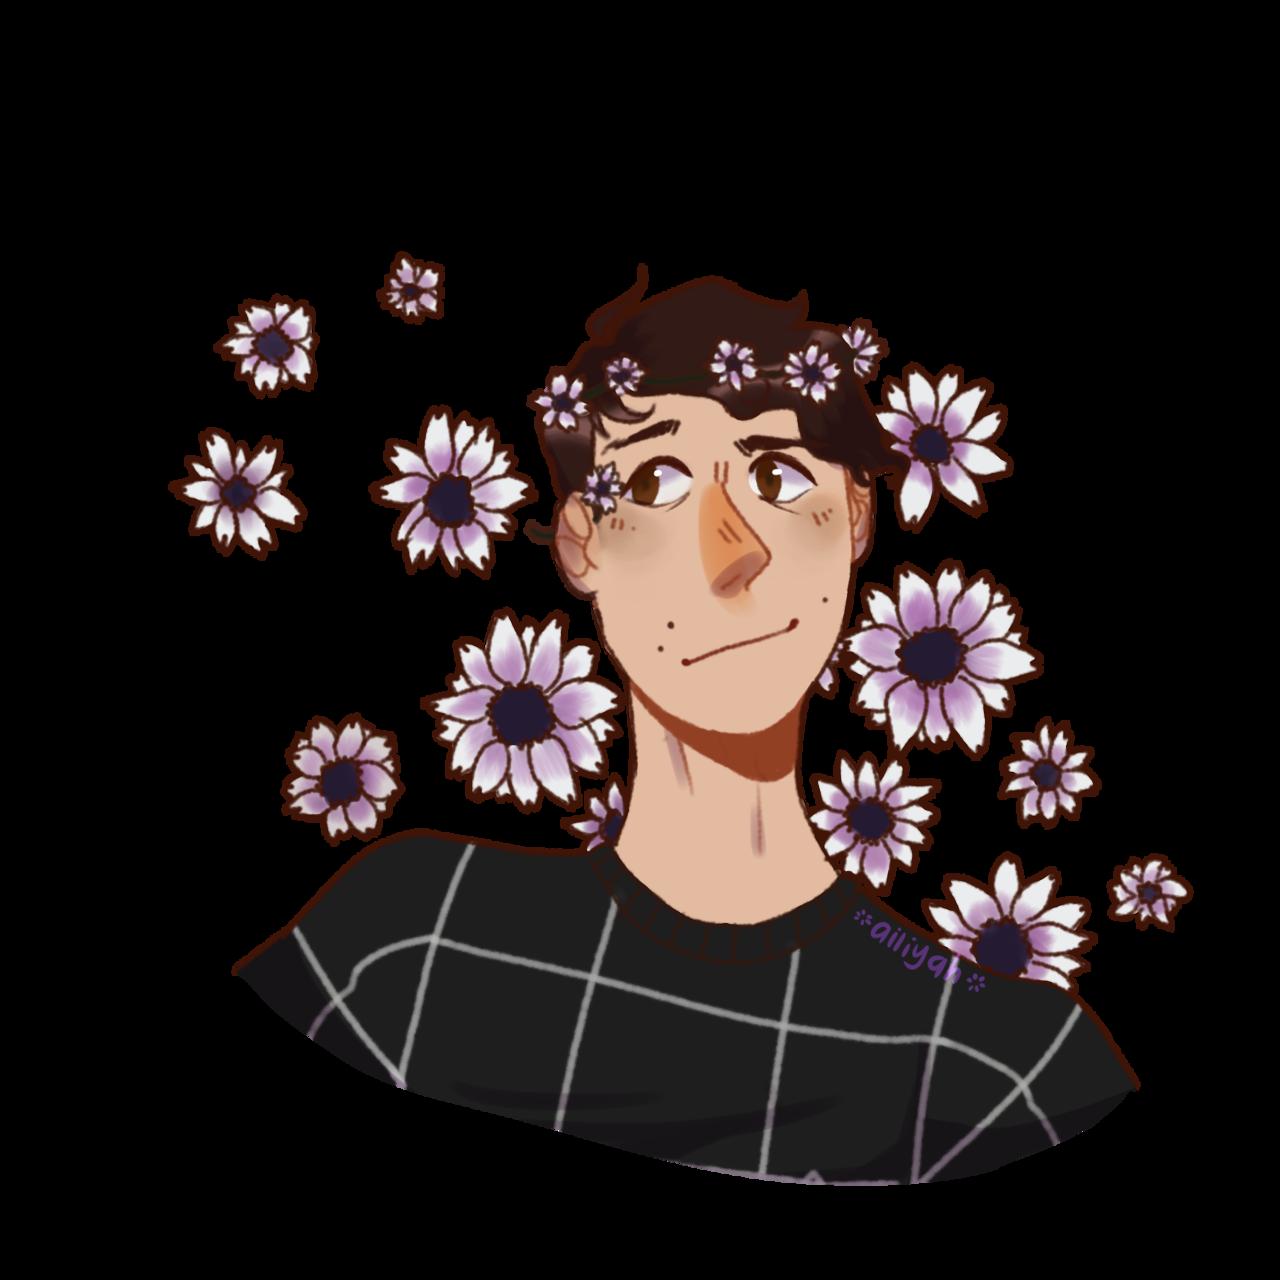 Crown daisies . Daisy clipart grunge tumblr